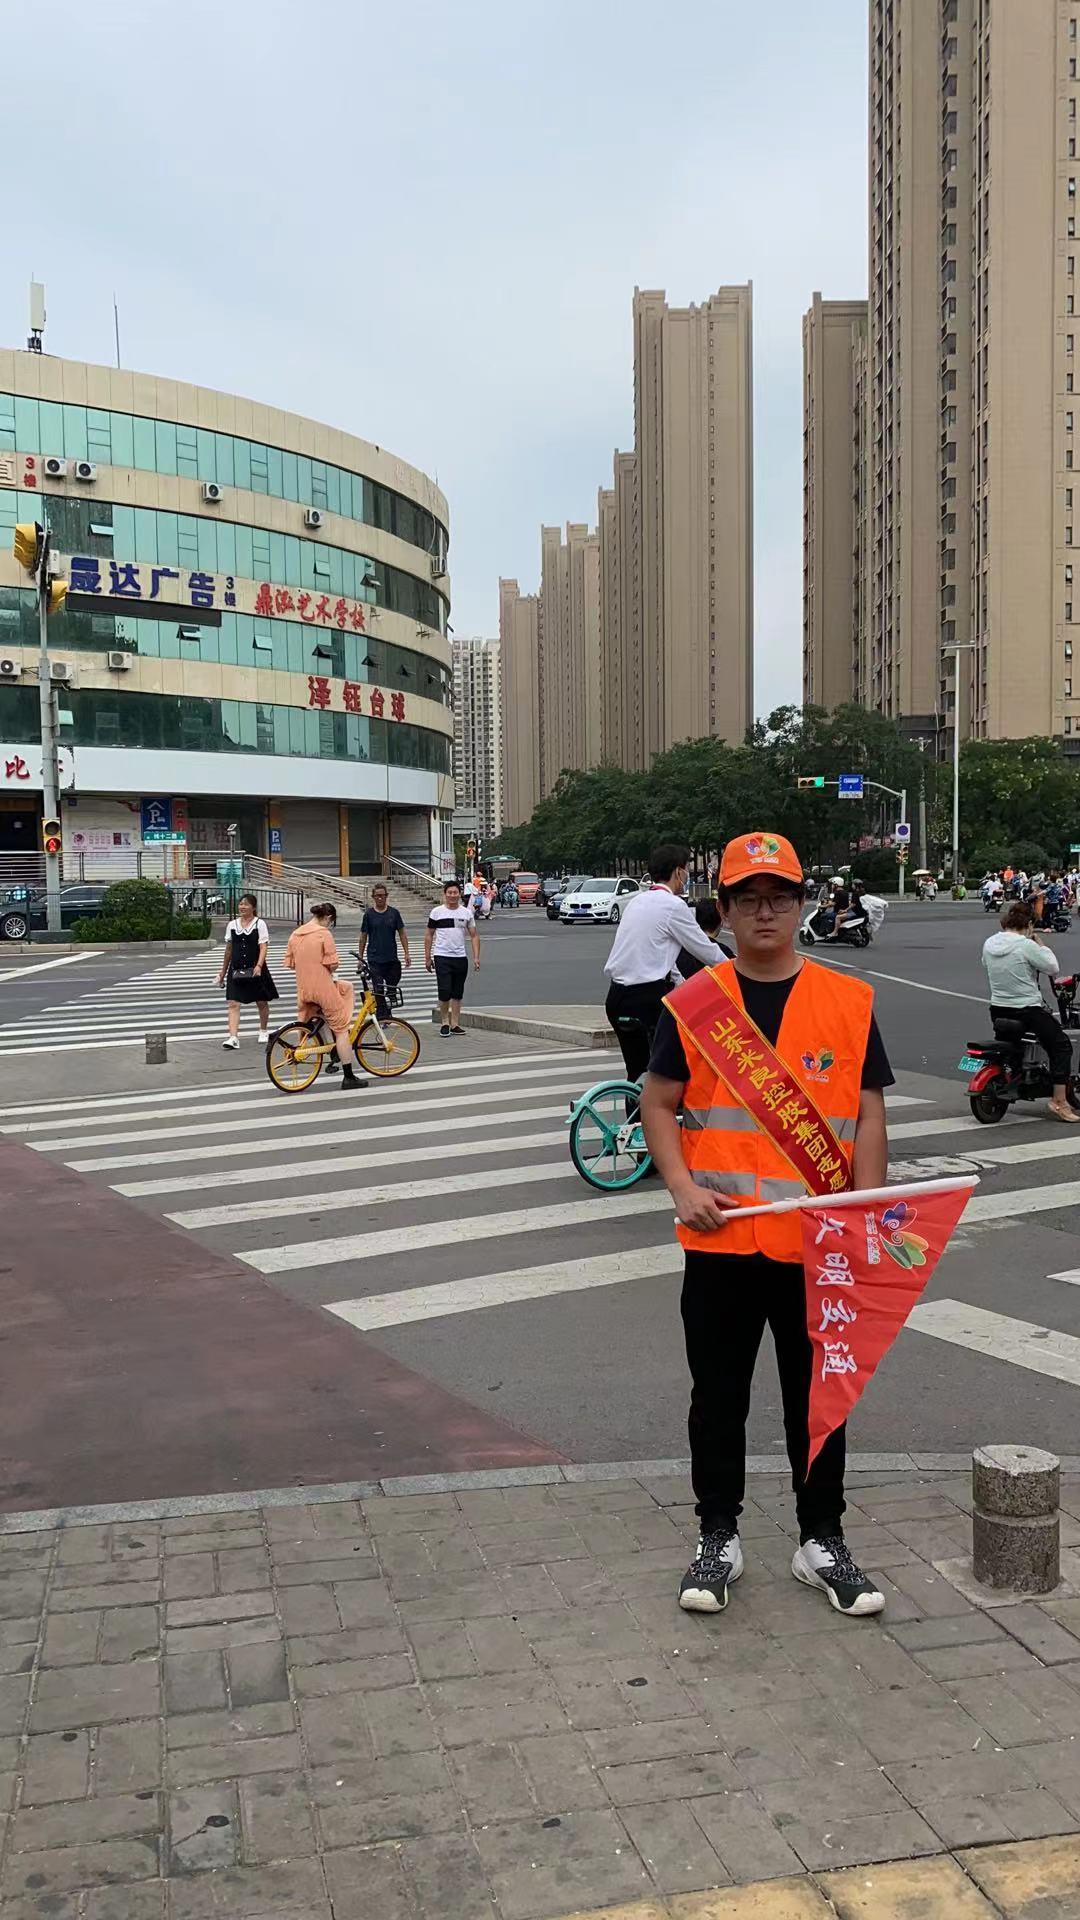 米良集團組織志愿者參與交通路口執勤,助力文明城市建設(圖2)